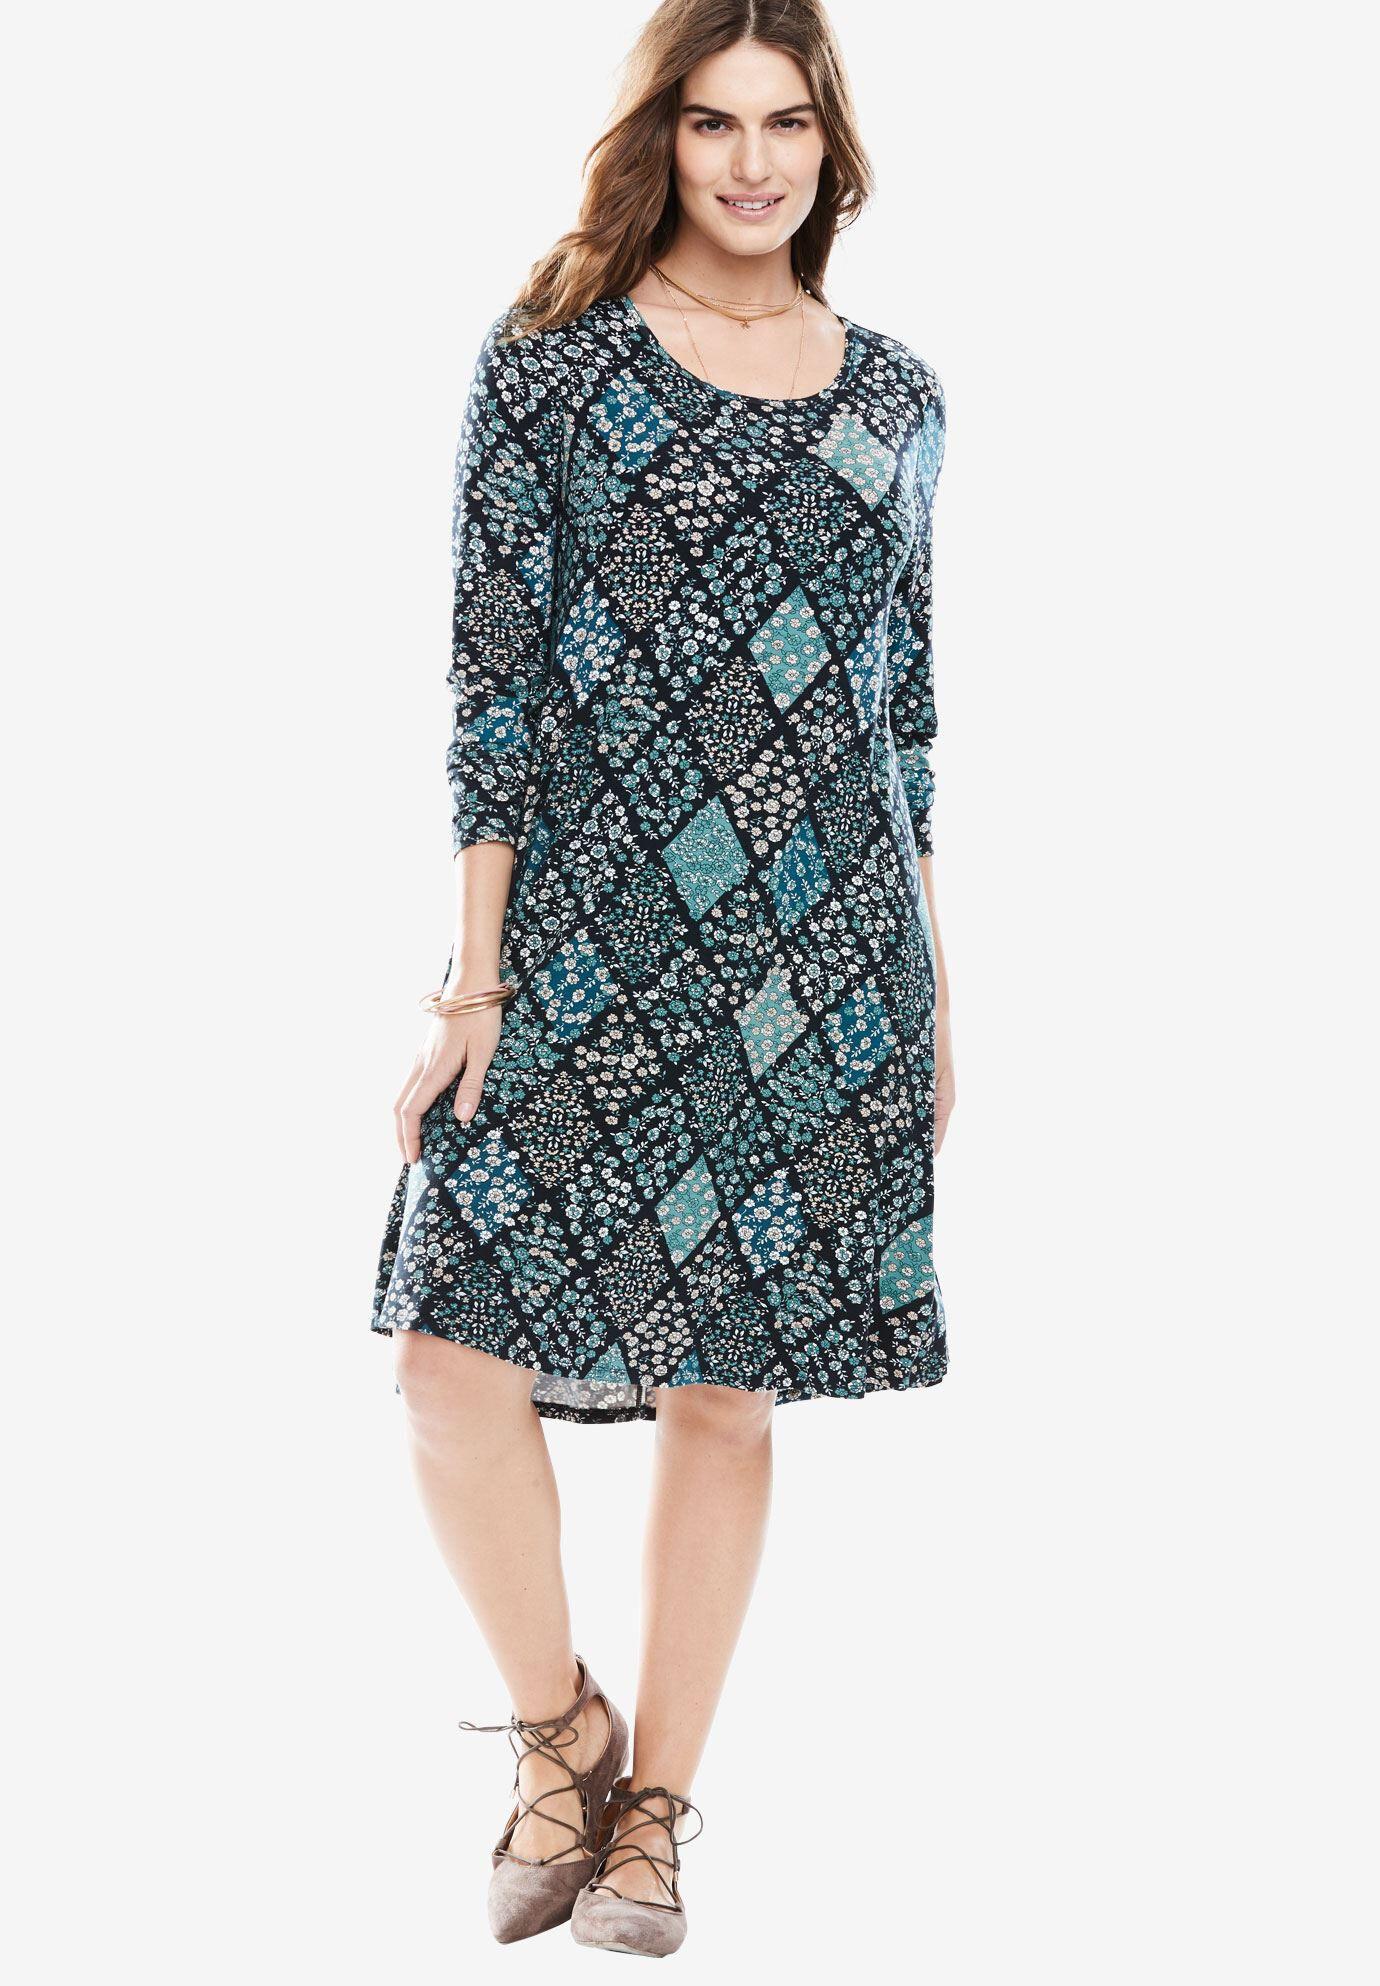 Plus Size Trapeze Dresses